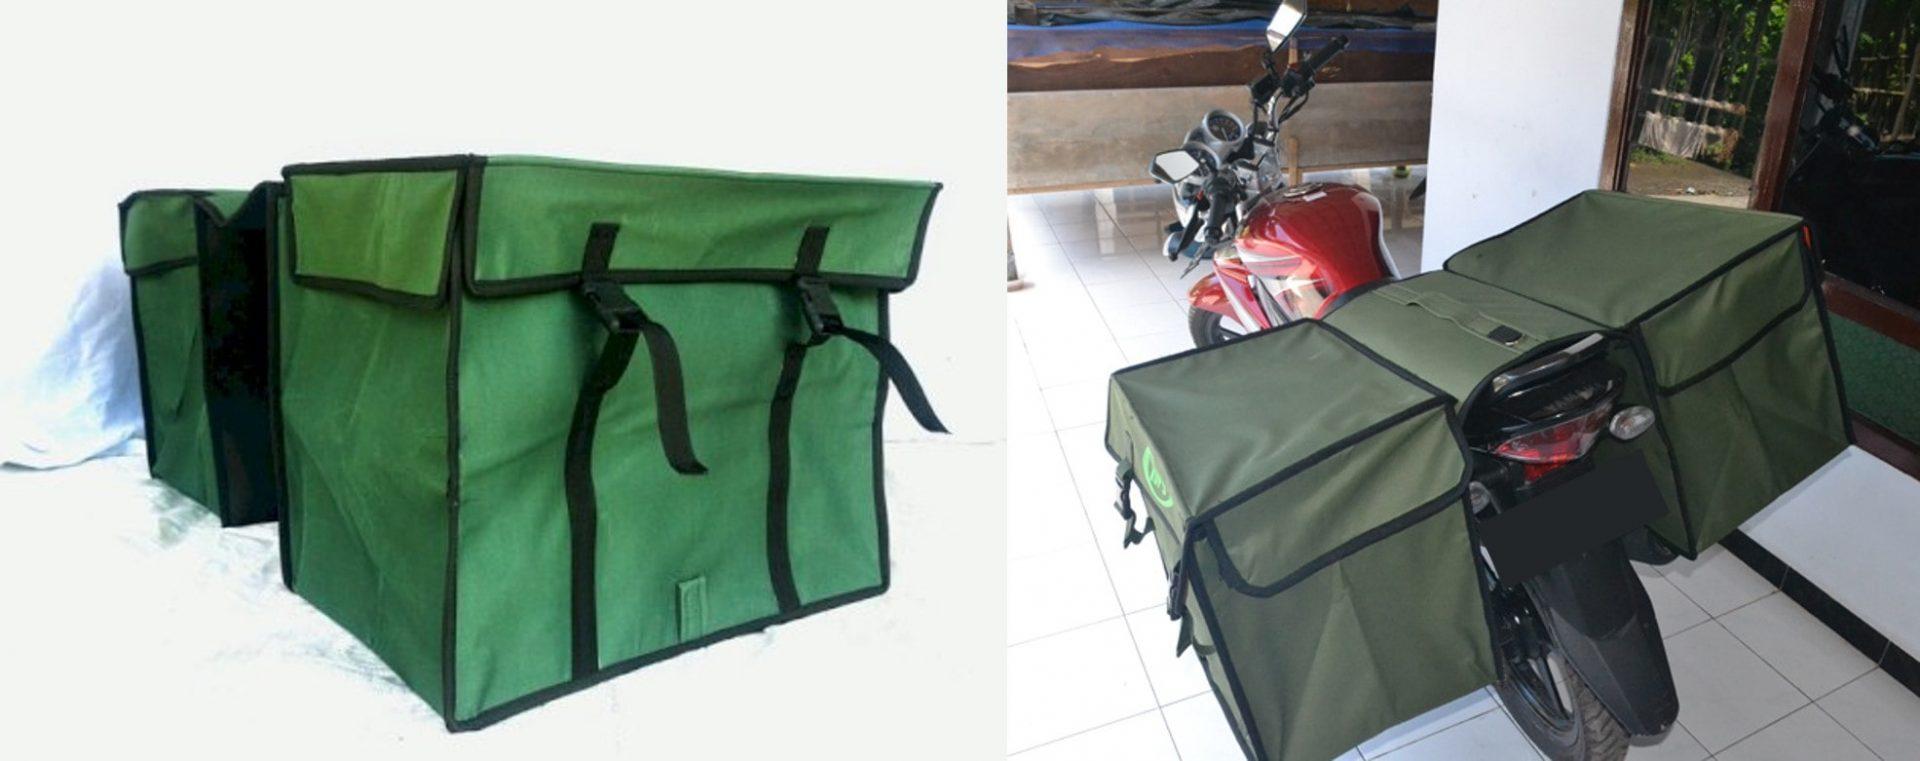 May túi giao hàng sẽ đảm bảo chất lượng và giá thành rẻ hơn